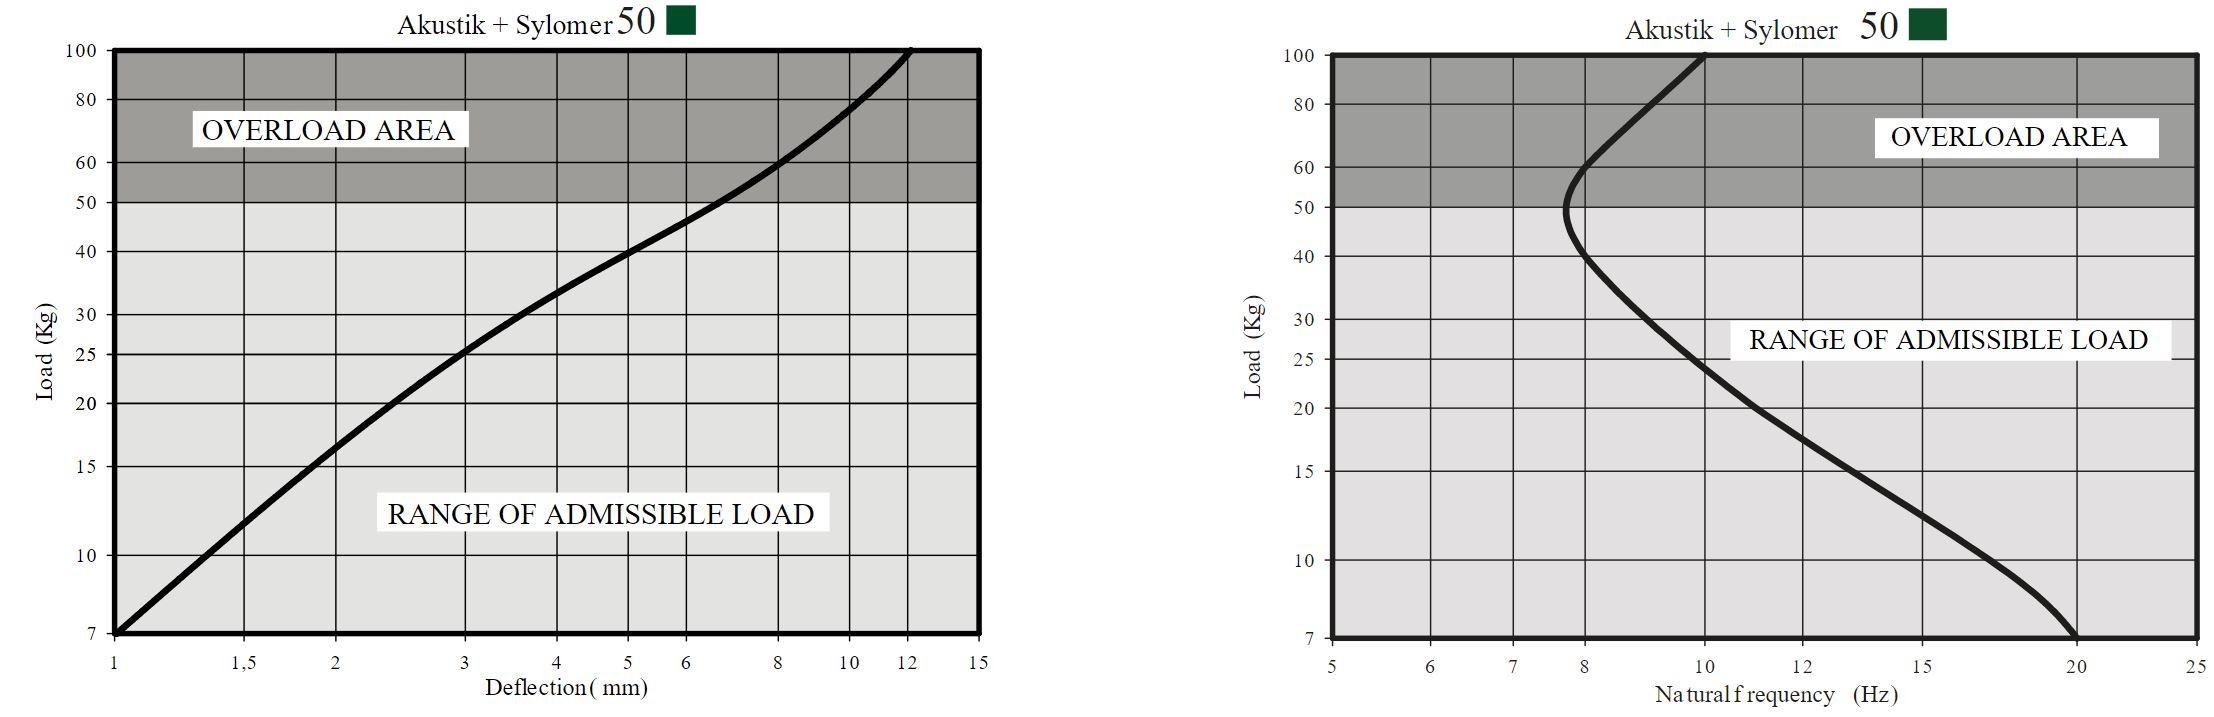 Akustik Super T60 Nonius + Sylomer Curve 2